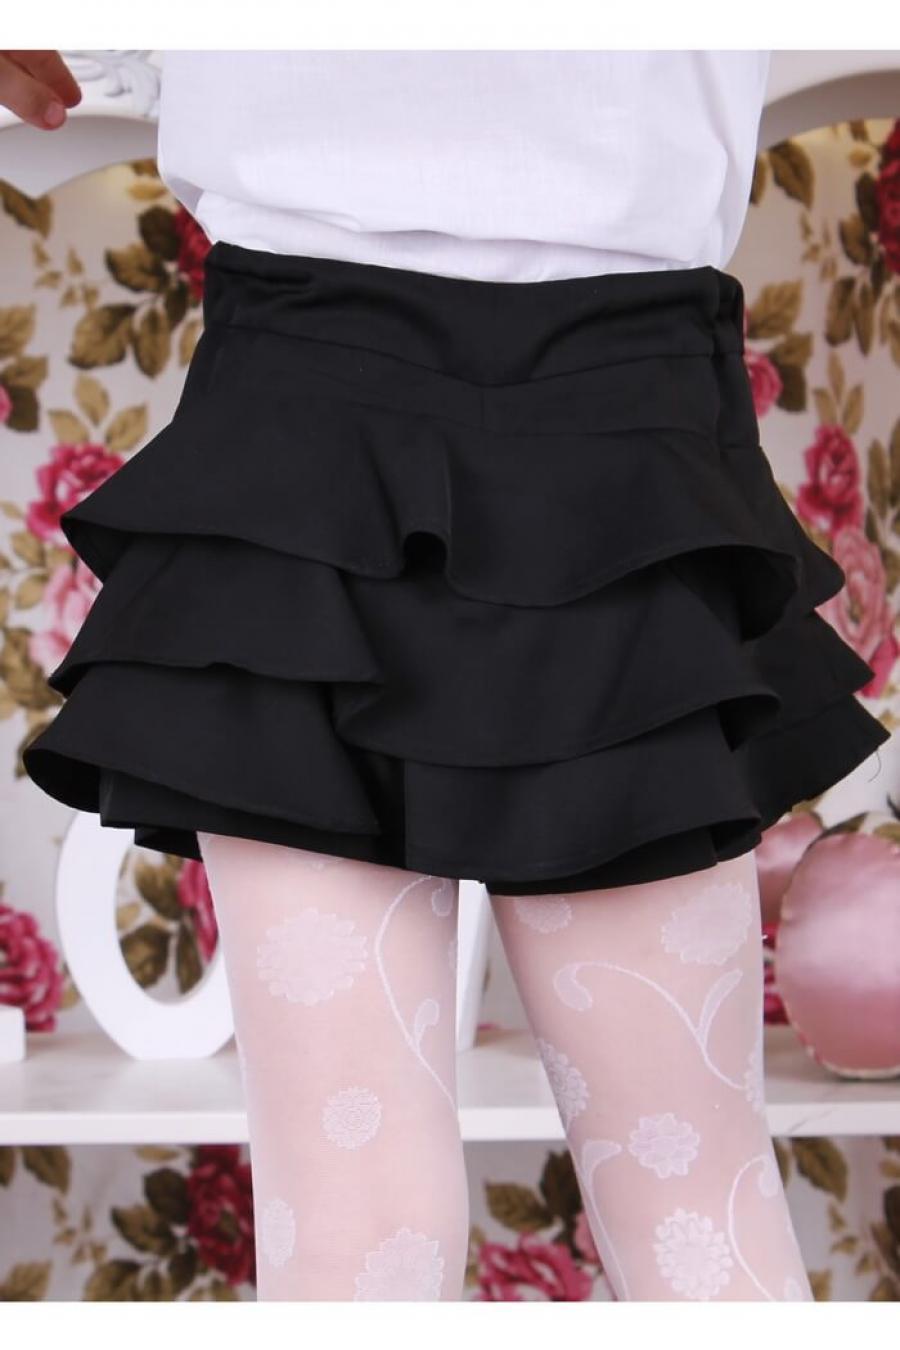 Купить юбку для девочки